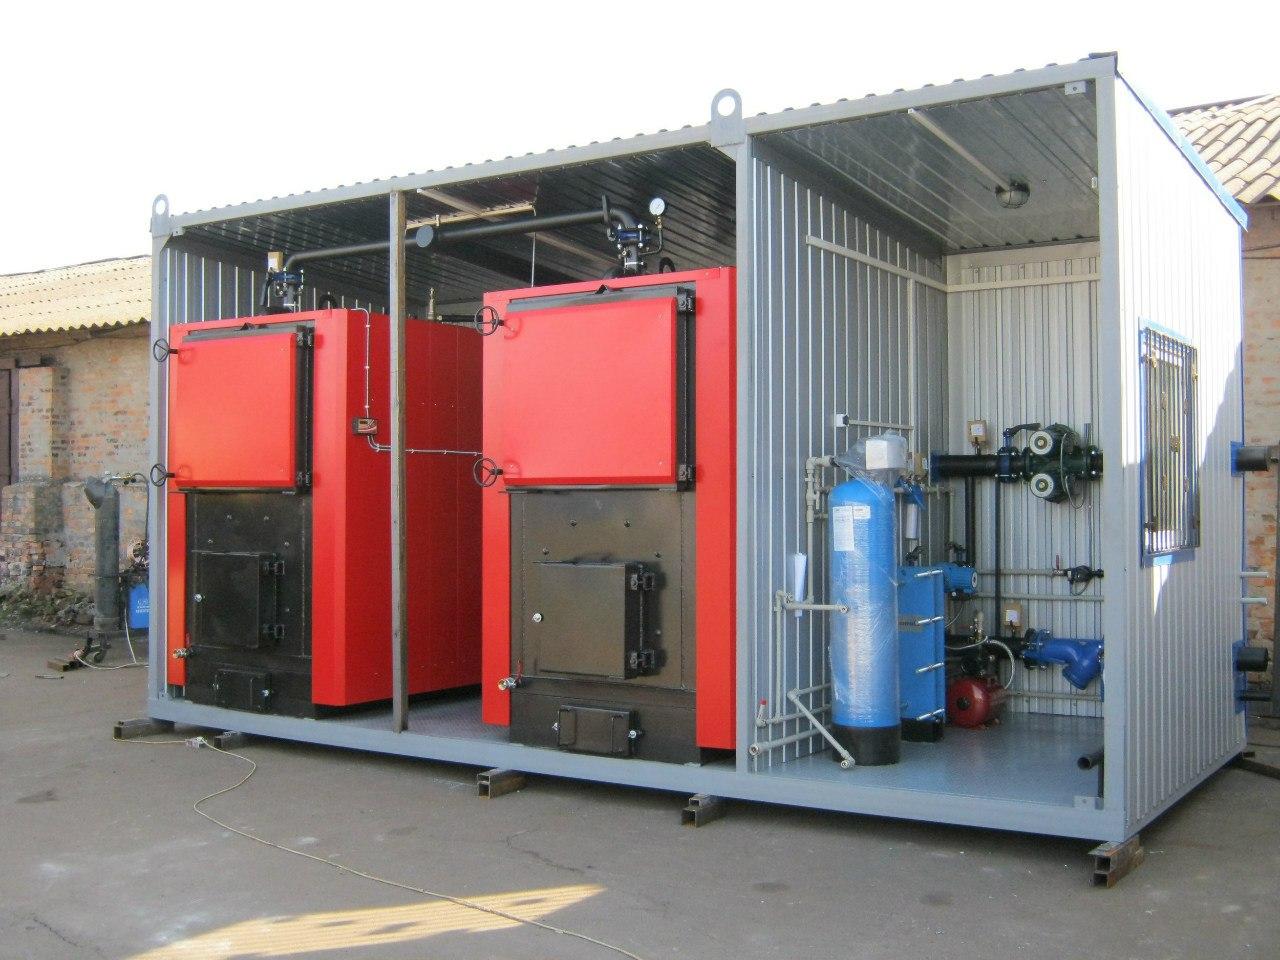 преимущества и недостатки блочно-модульных газовых котельных